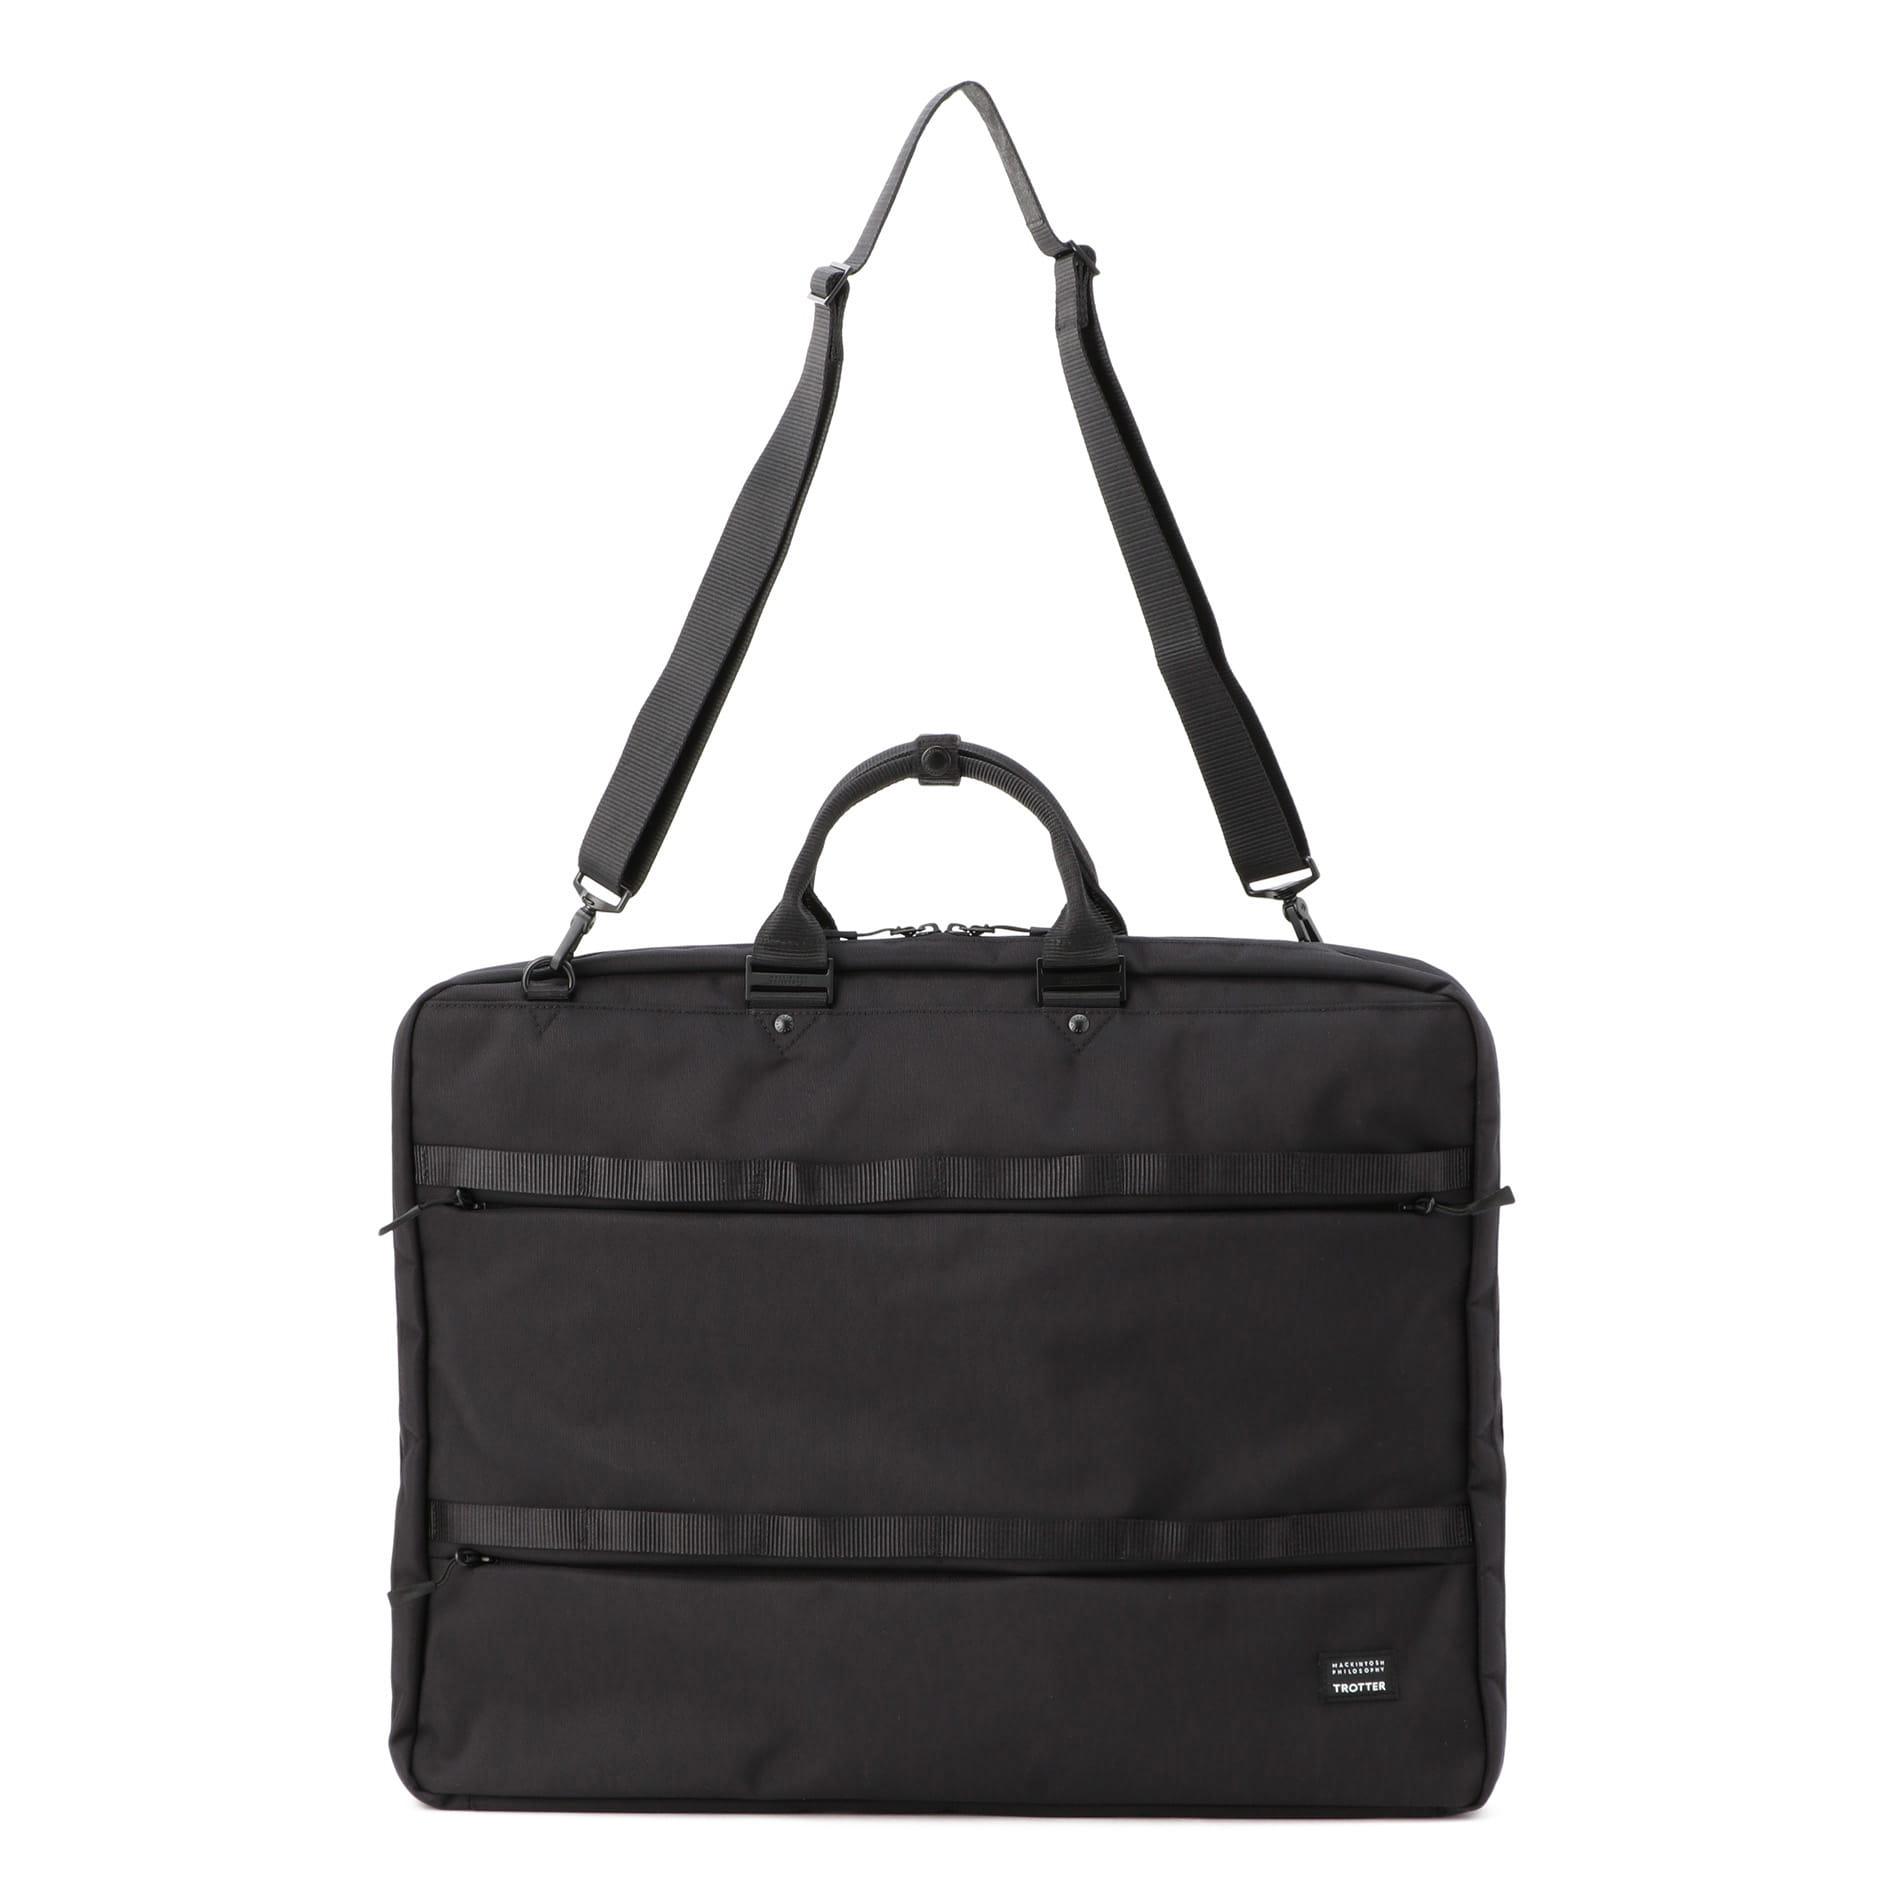 【TROTTER BAG】 トロッターバッグ?V ガーメント